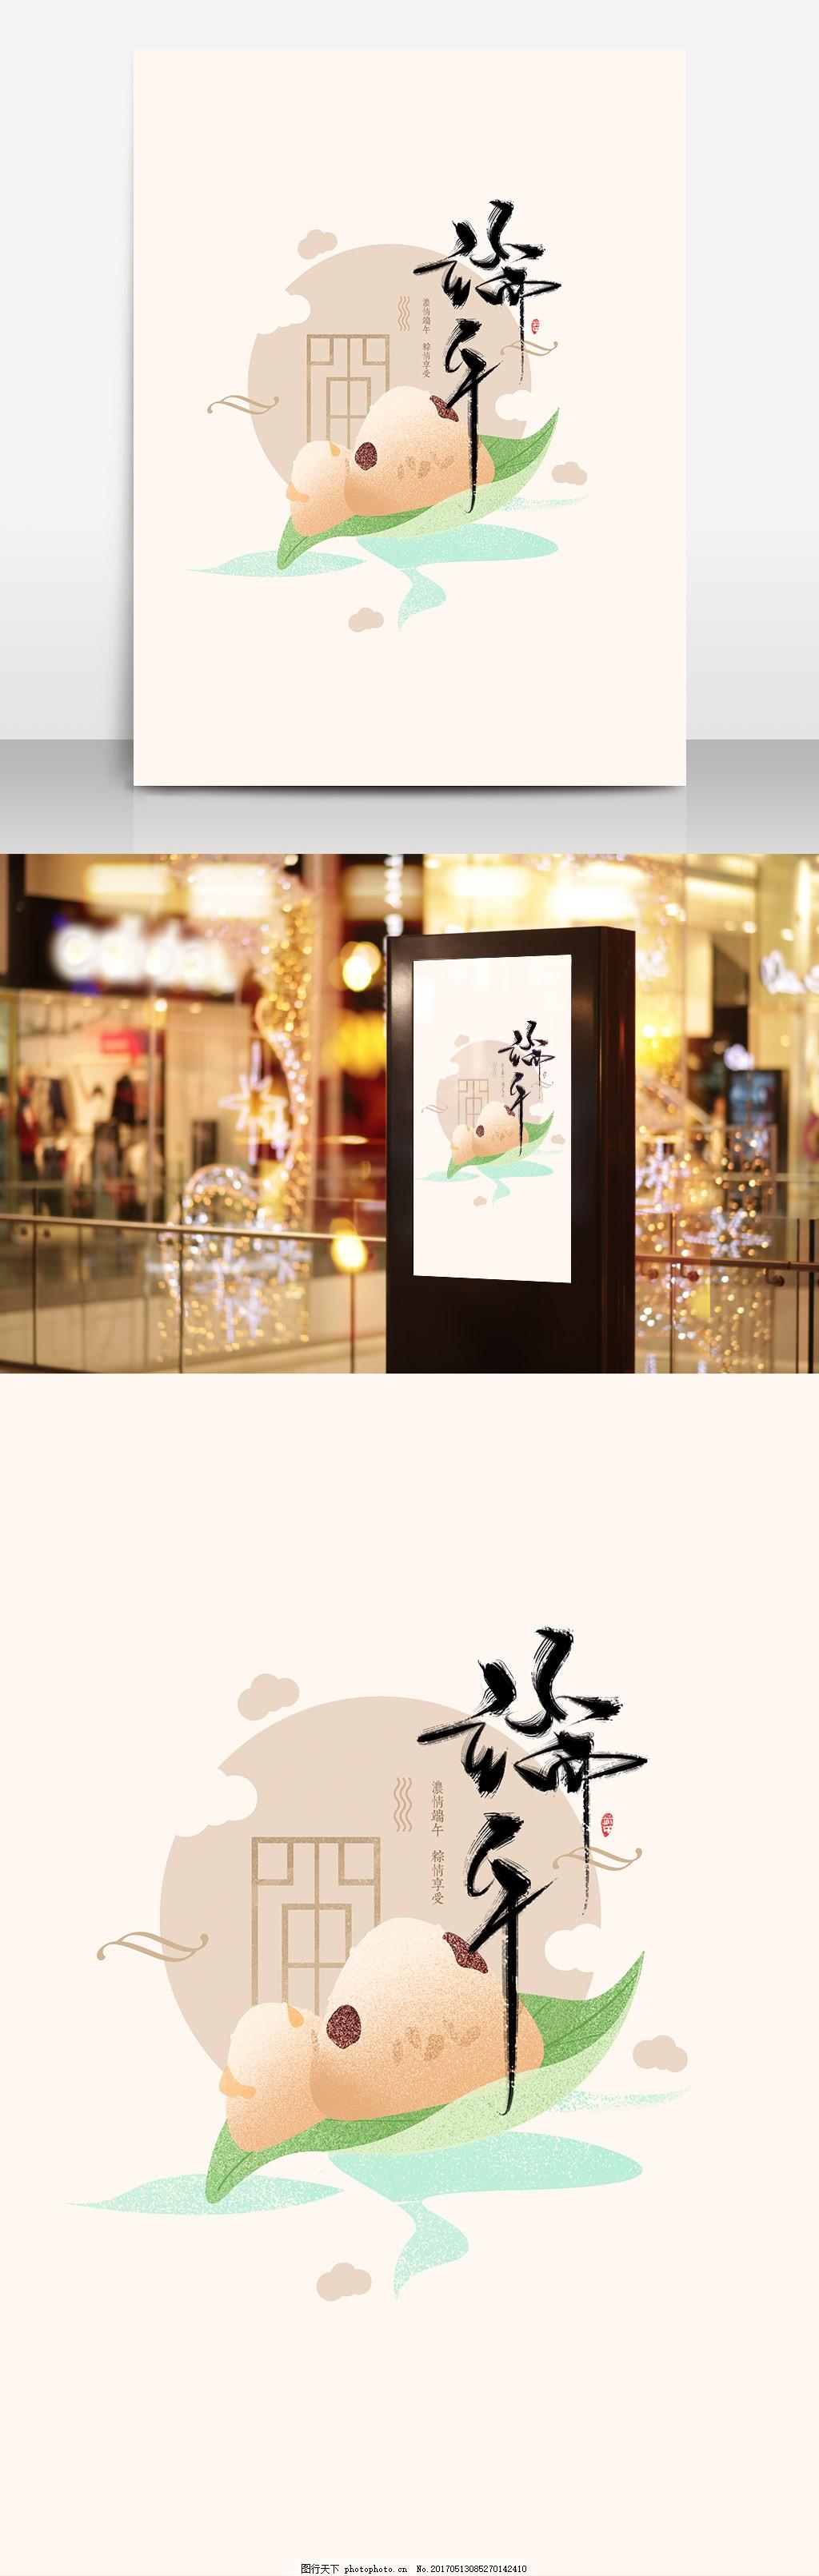 端午节手绘插画海报 字体 书法